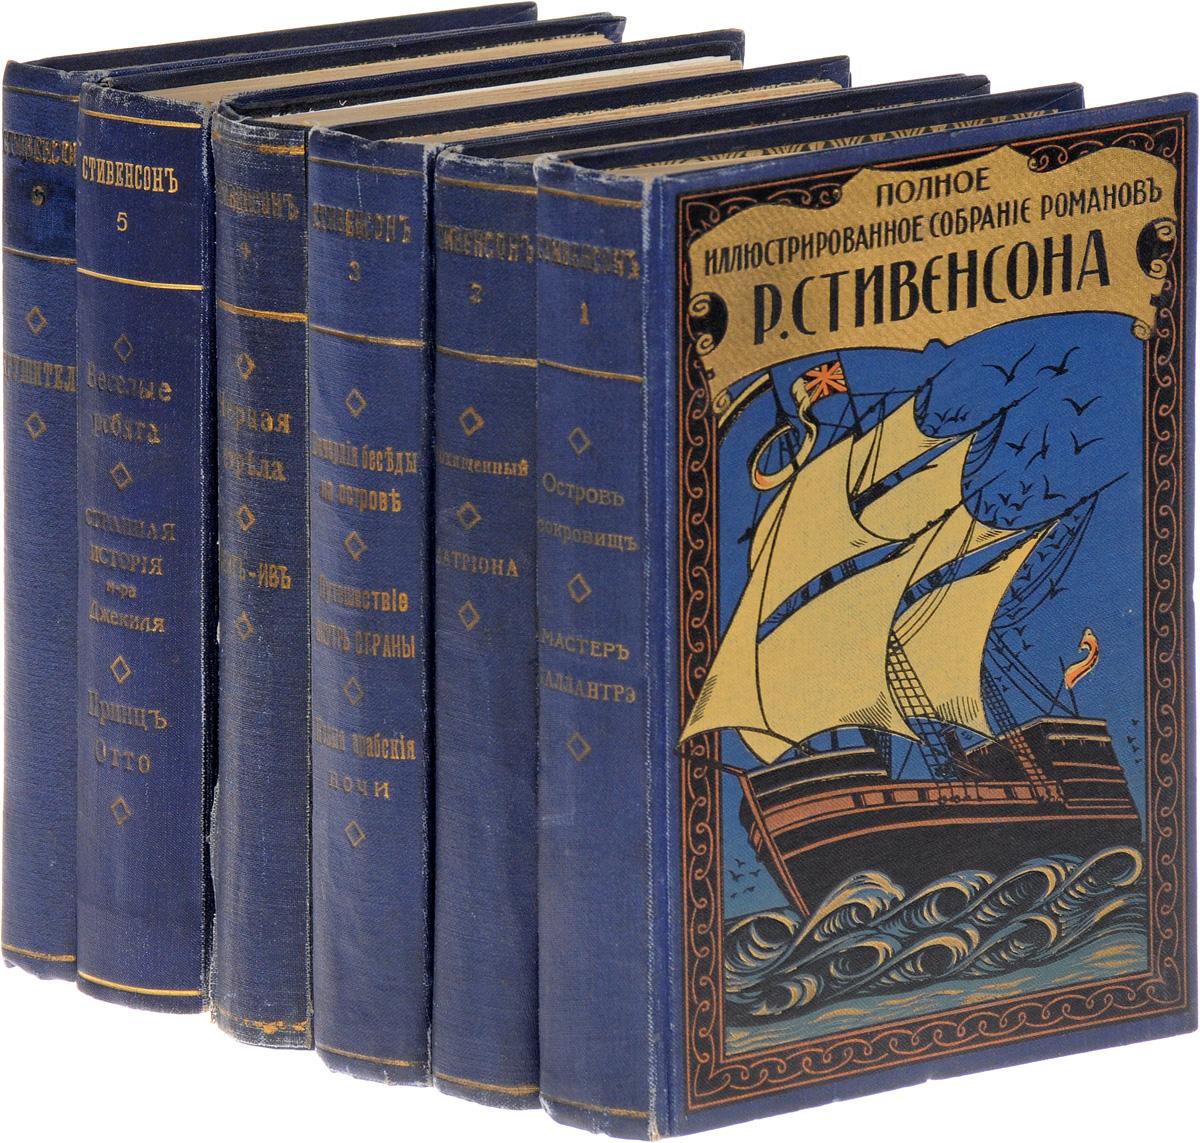 Р. Стивенсон. Полное иллюстрированное собрание романов. В 6 томах (комплект из 6 книг)